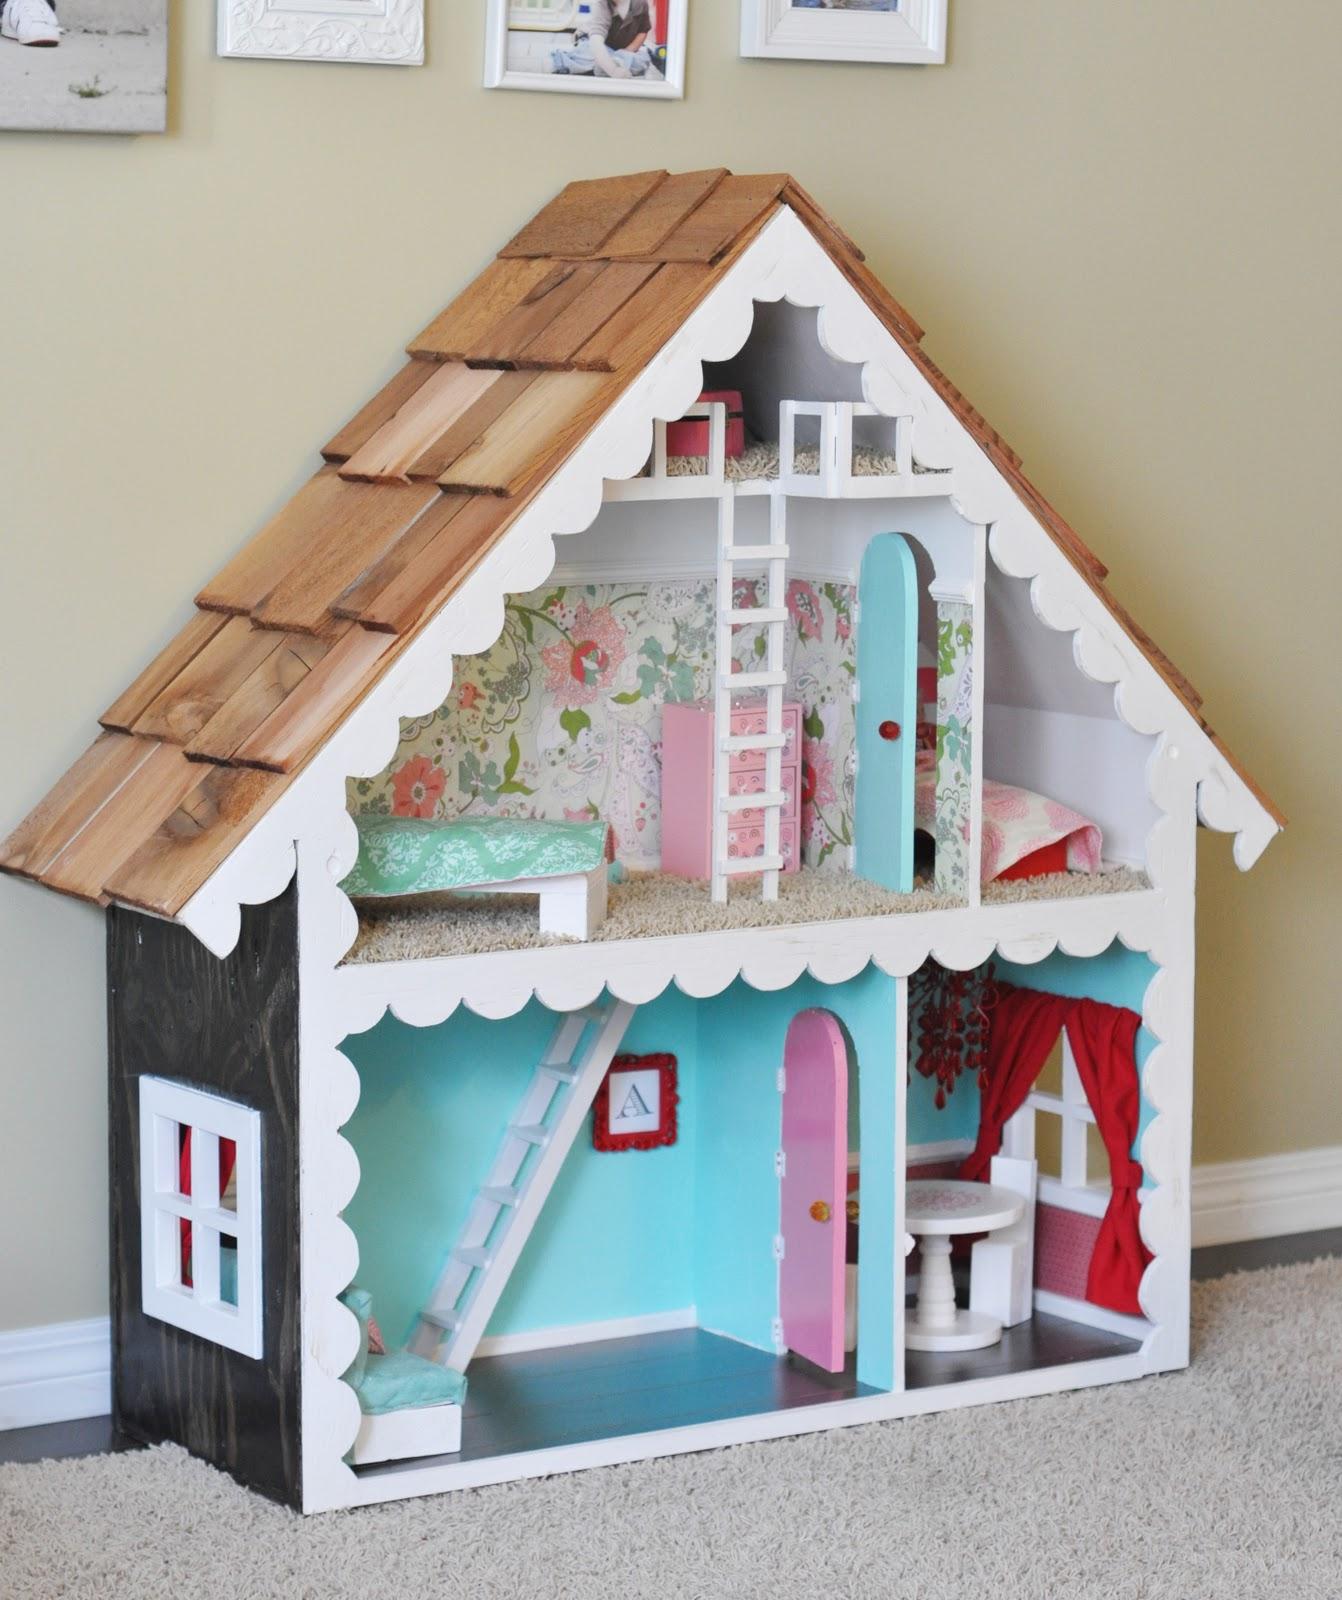 Кукольный домик своими руками - 66 фото создания игрушечного 55